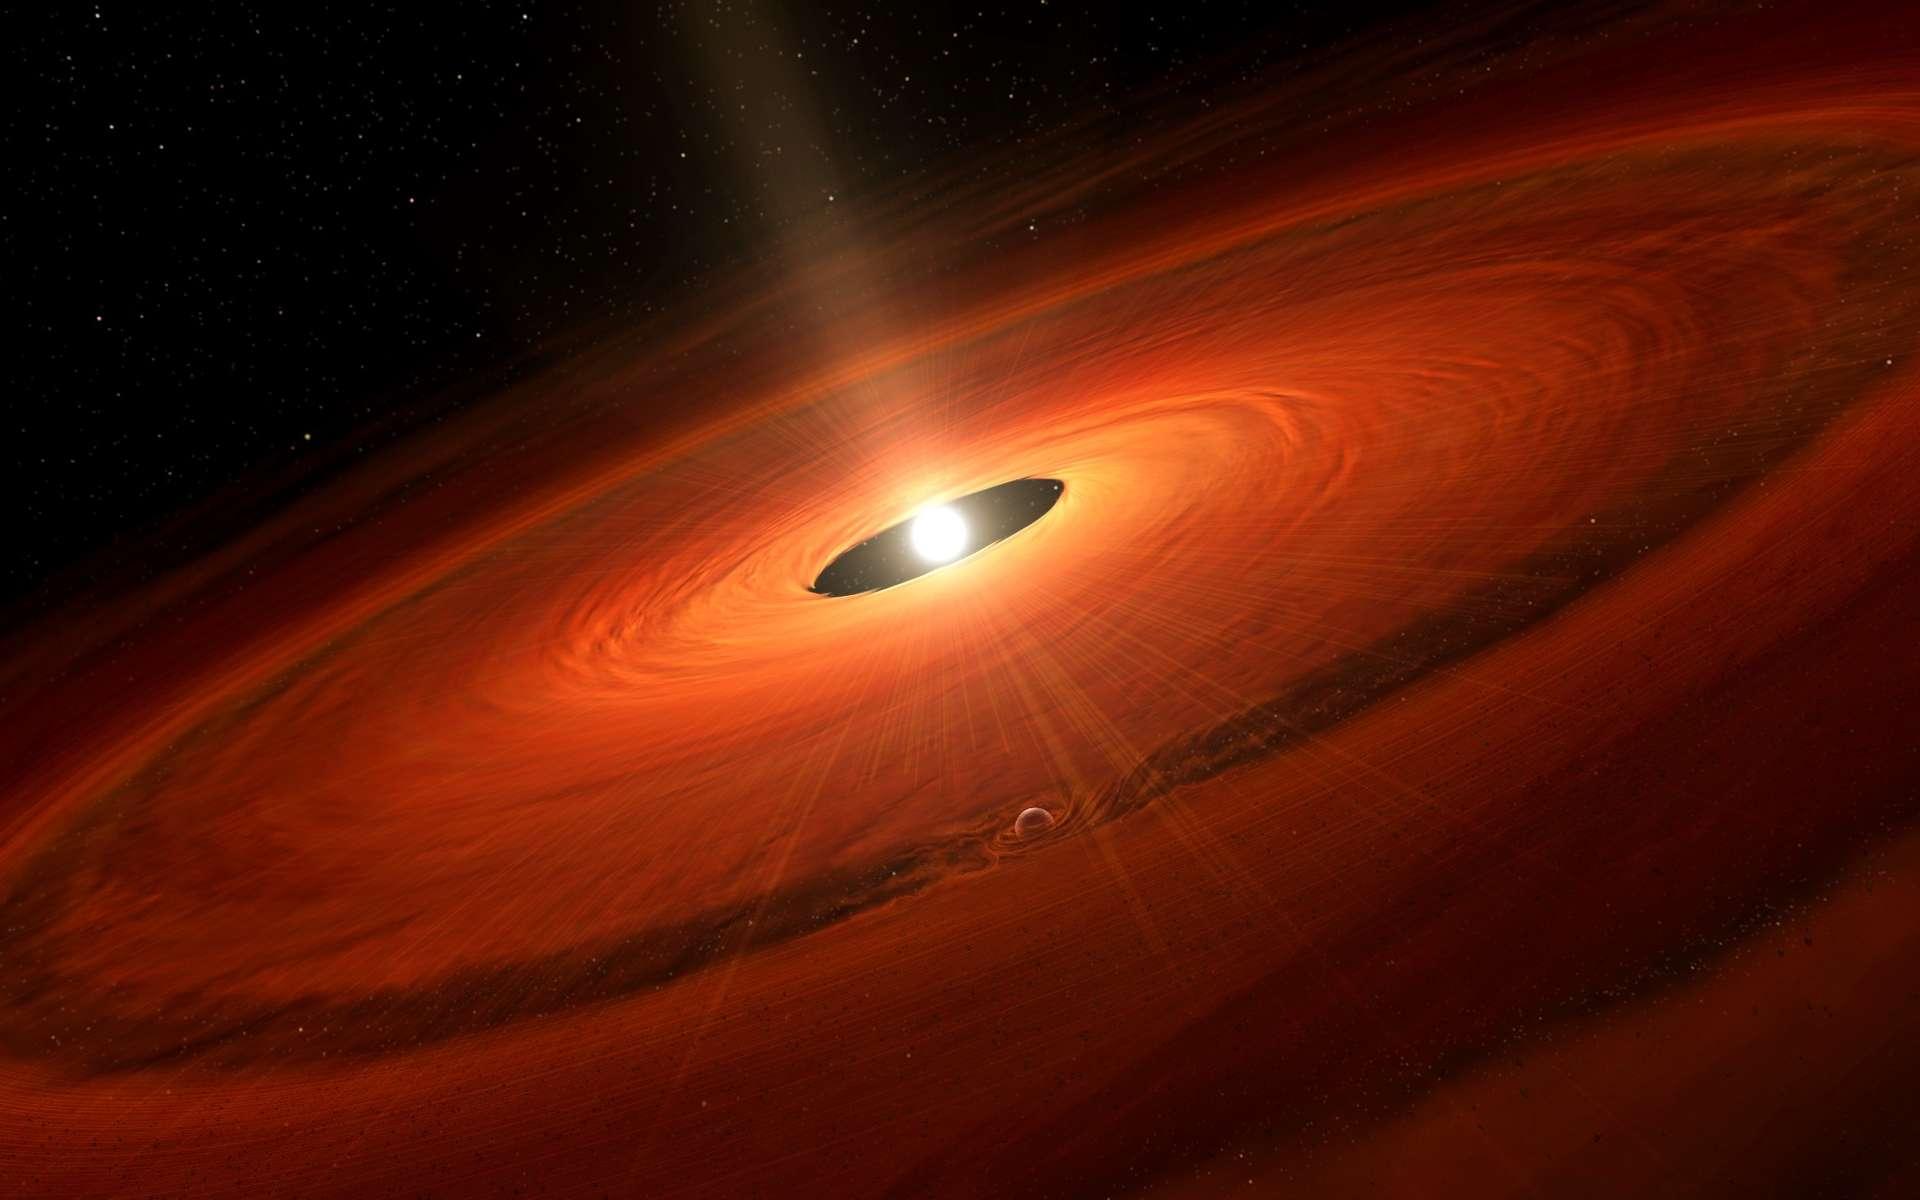 Une vue d'artiste d'une jeune étoile en phase T-Tauri avec deux jets de matière et entourée d'un disque protoplanétaire. On peut y voir la formation d'une exoplanète creusant une cavité dans ce disque de gaz et de poussières. © NAOJ